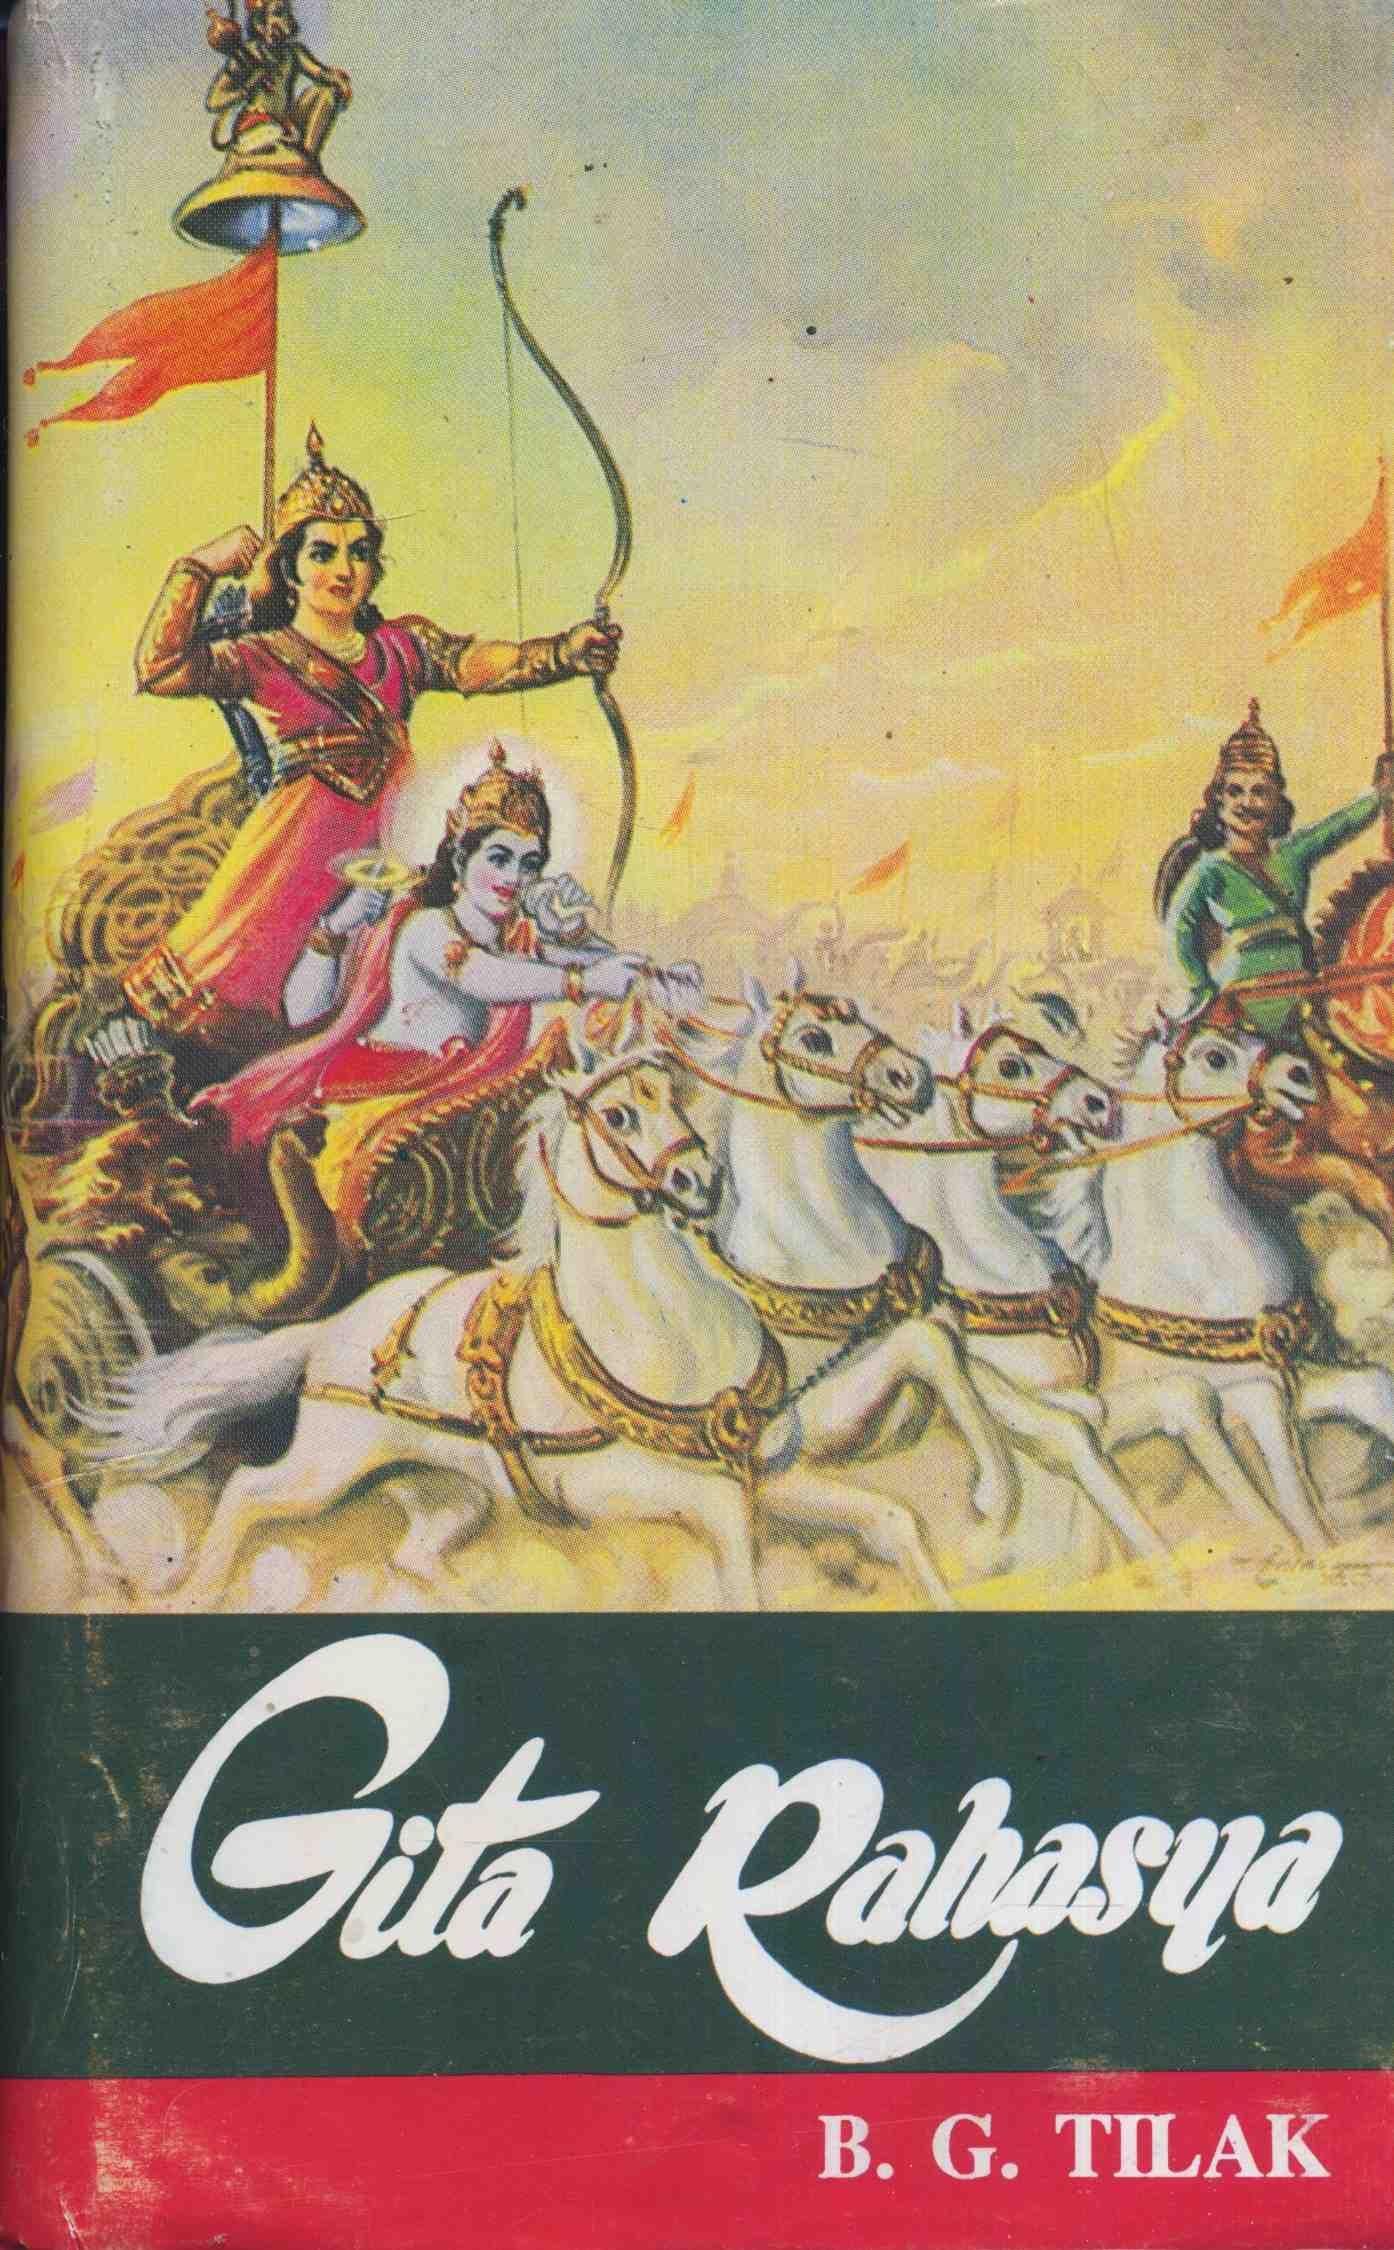 Gita Rahasya: Srimad Bhagavadgita-Rahasya or Karma-Yoga ...